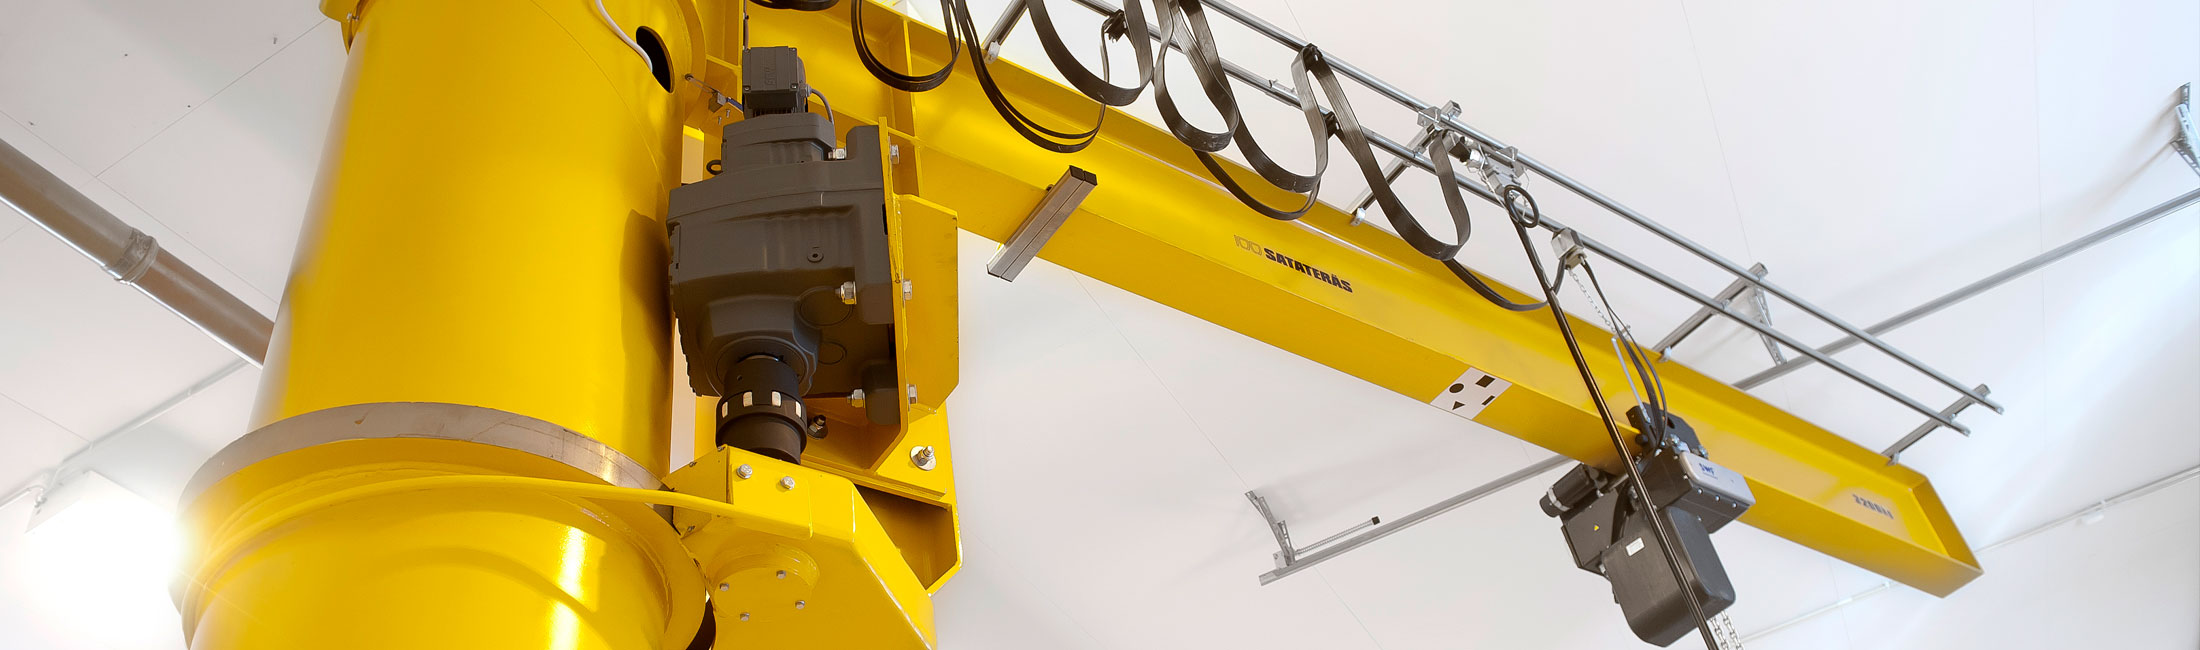 teollisuus-metalliteollisuus-teollisuuden-kaantopuominosturit-satateras-3